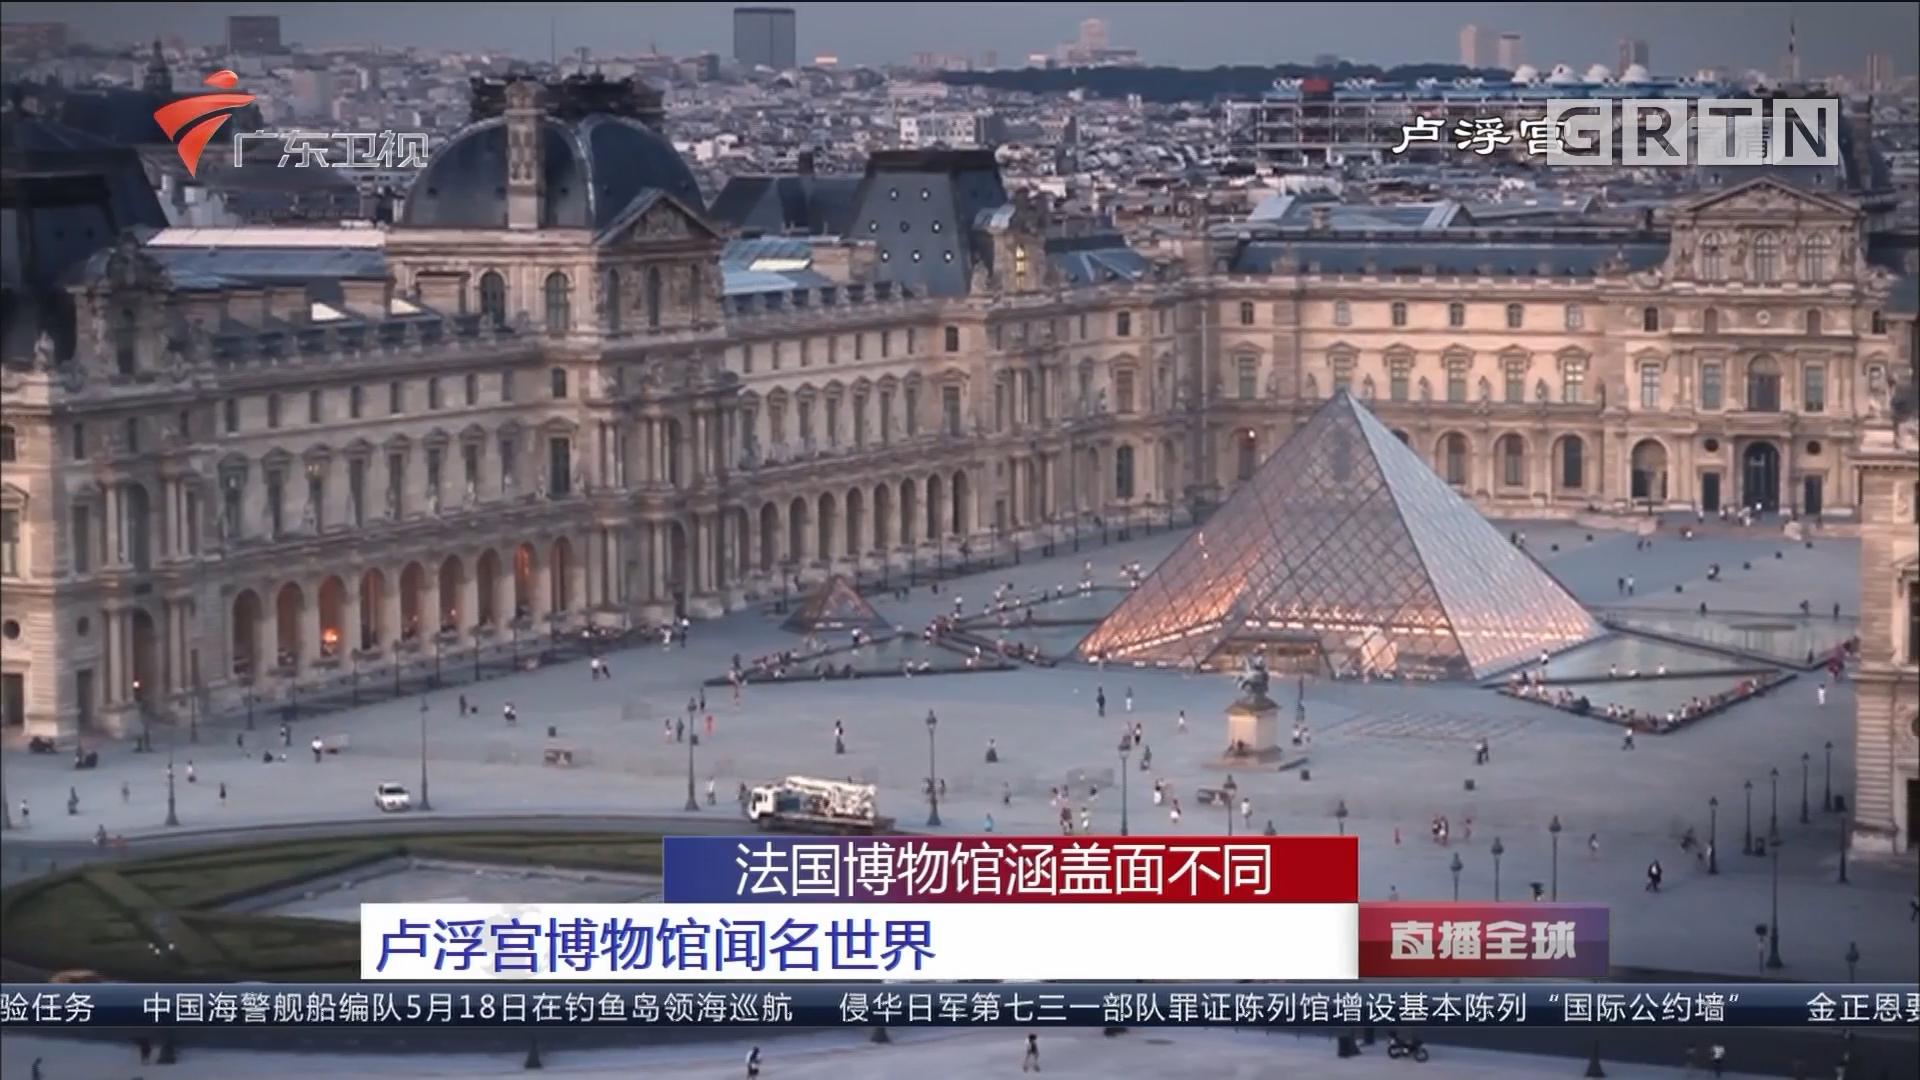 法国博物馆涵盖面不同:卢浮宫博物馆闻名世界